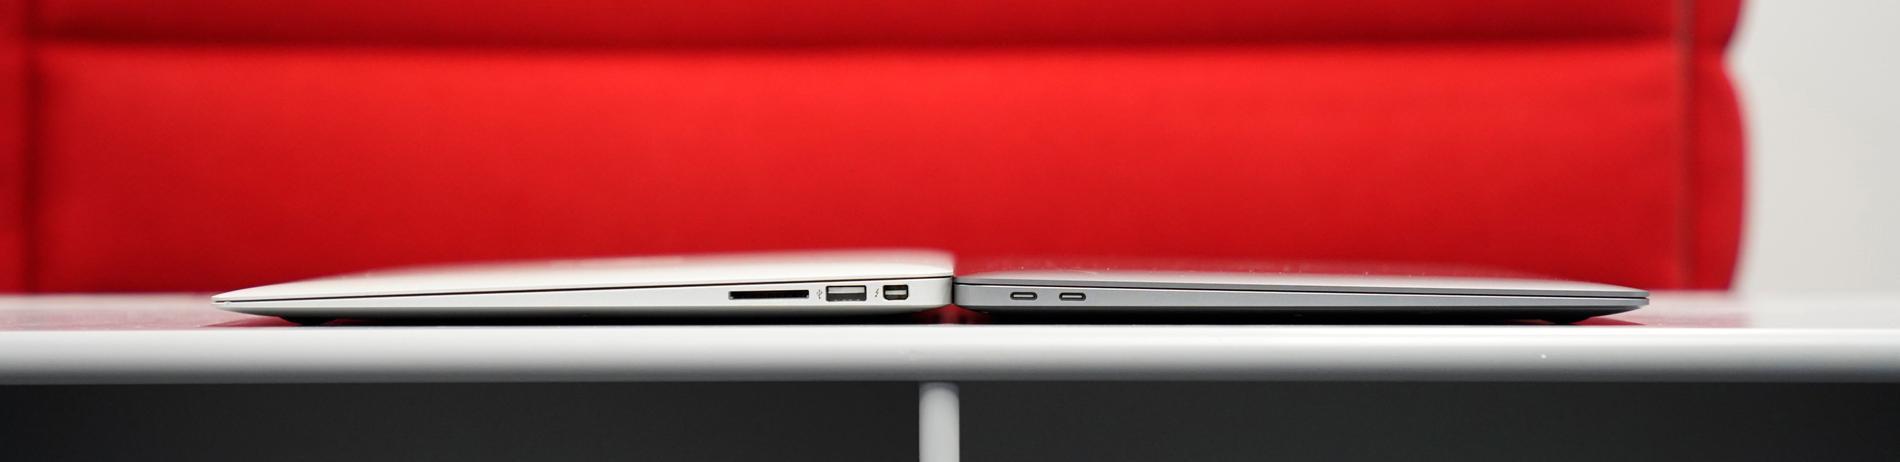 Nya Macbook Air (till höger) har blivit tunnare.